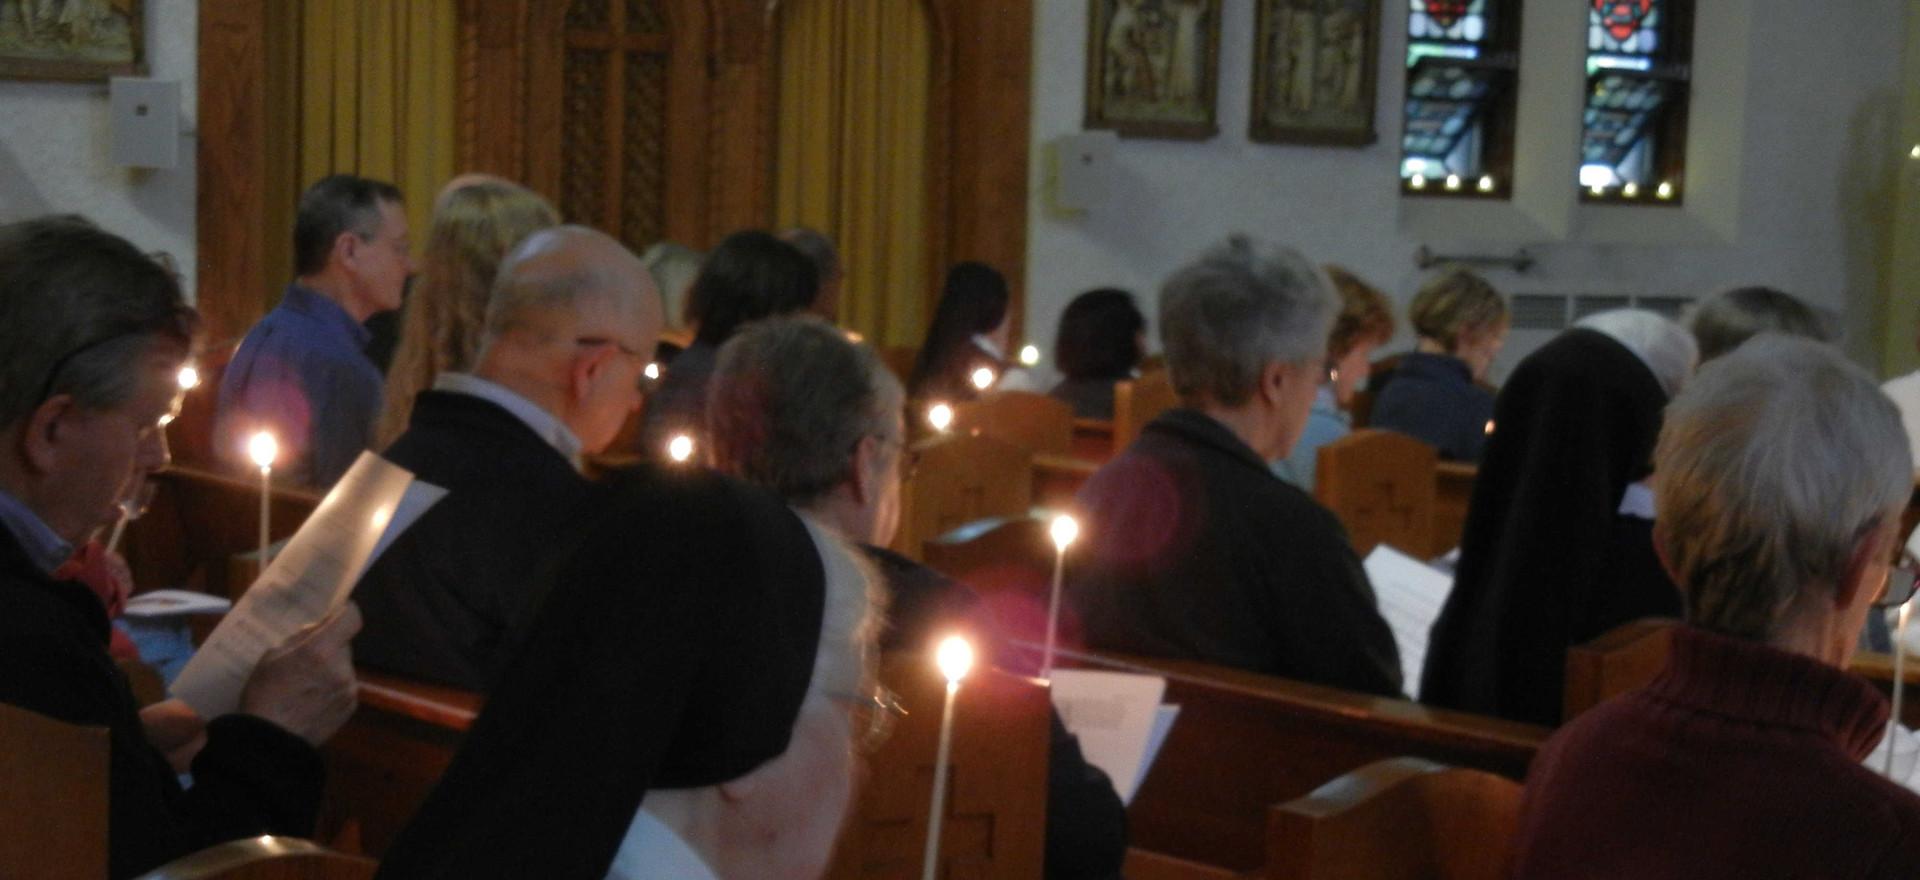 Taizé prayer participants hold lit candles